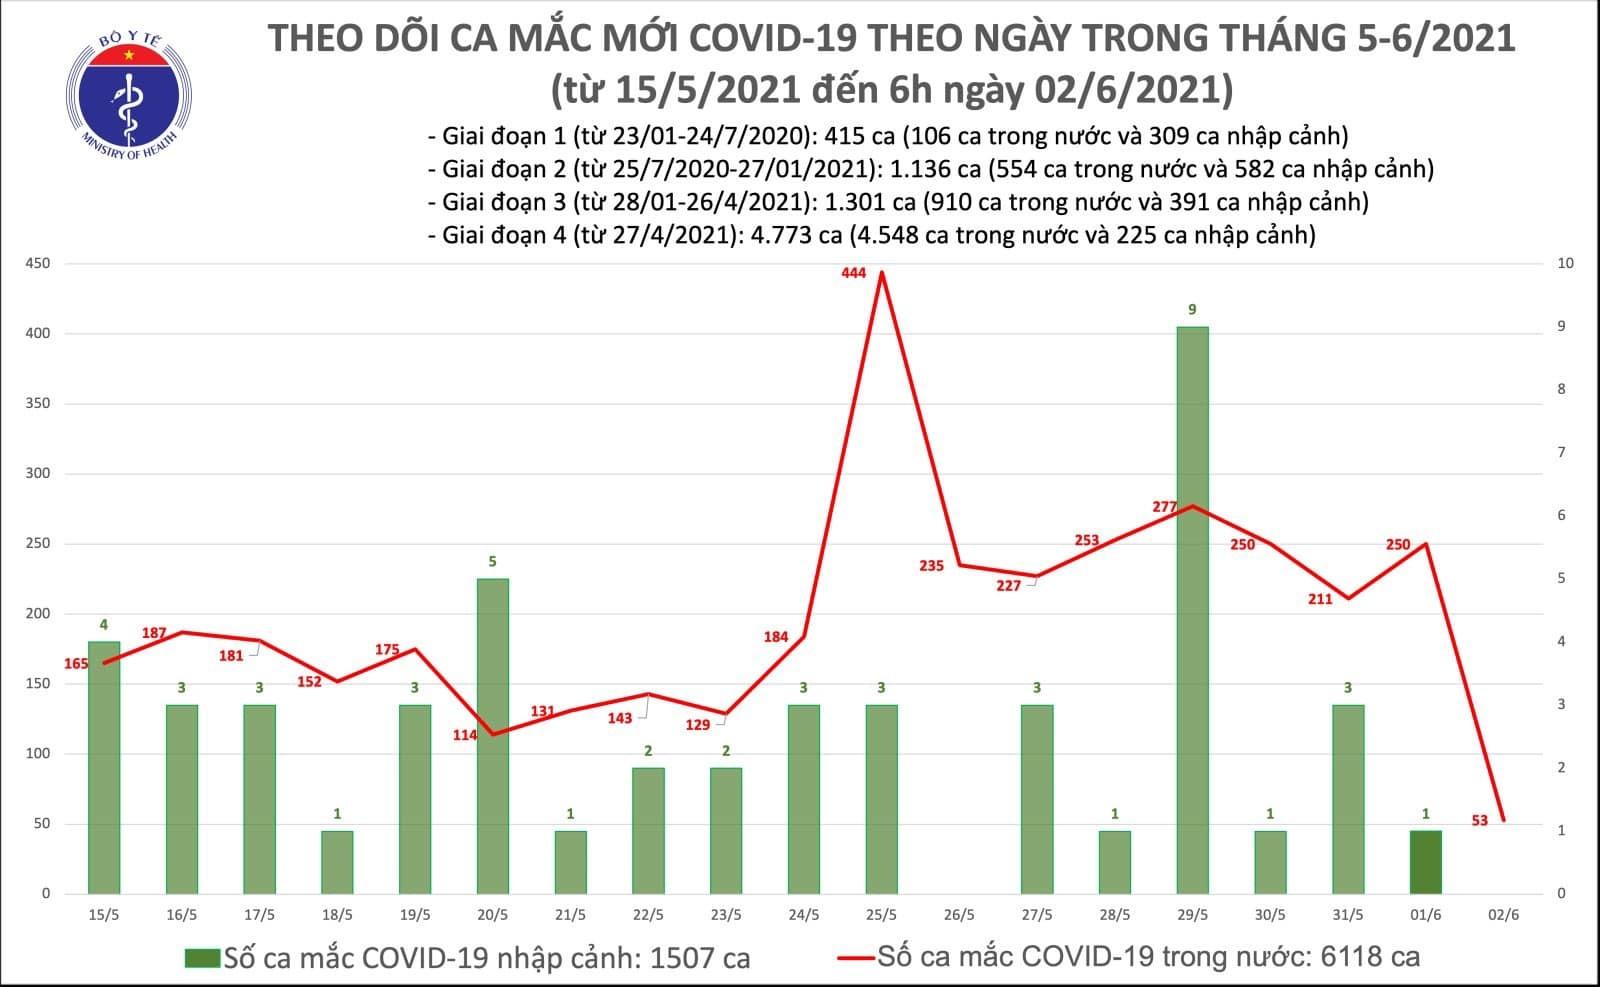 Ghi nhận 53 ca Covid-19 trong nước tại 3 tỉnh, thành